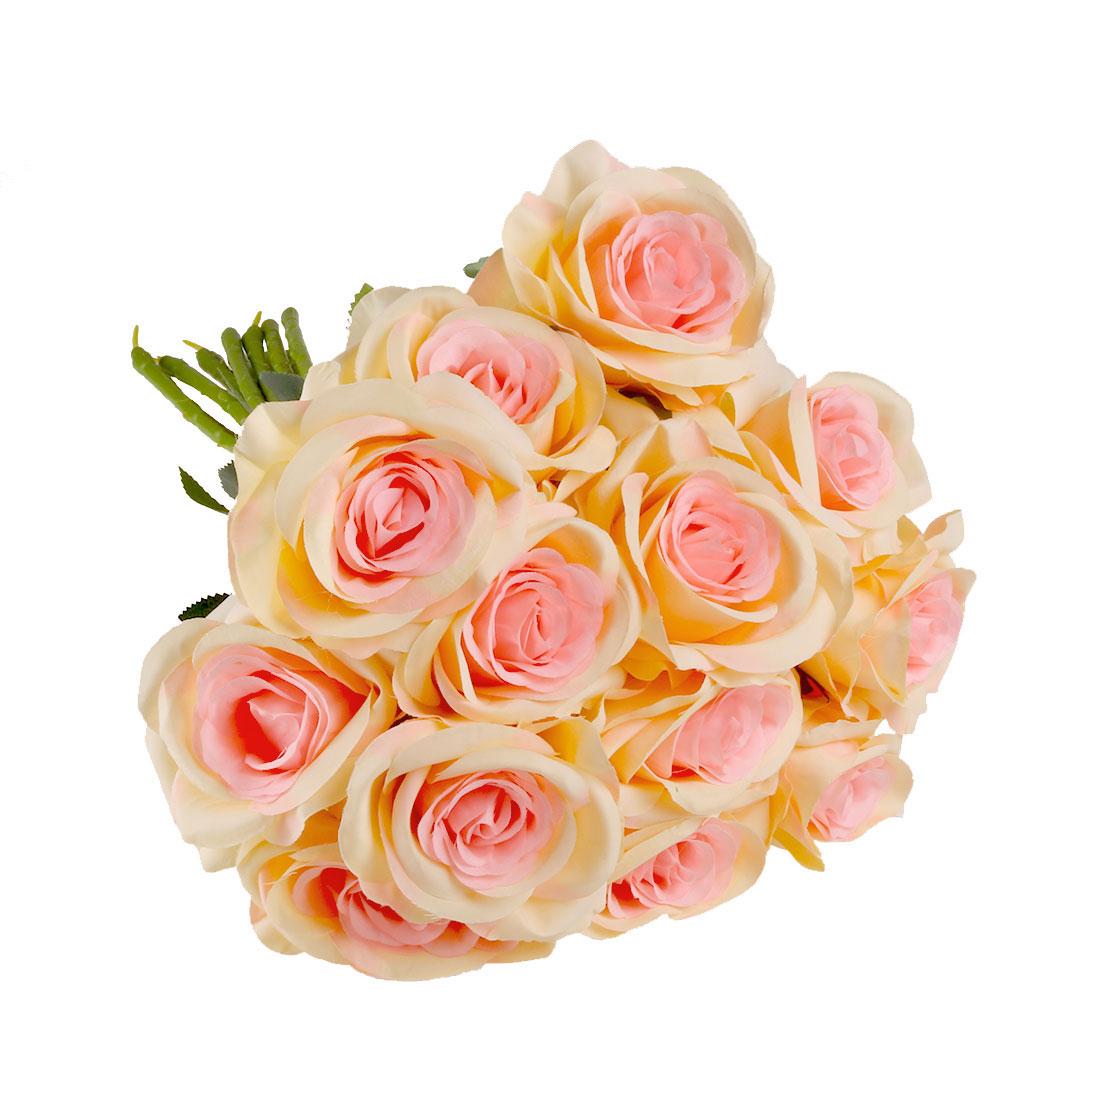 Artificial Silk Rose Flowers Bouquet Wedding Home Decor Champagne Color 12pcs